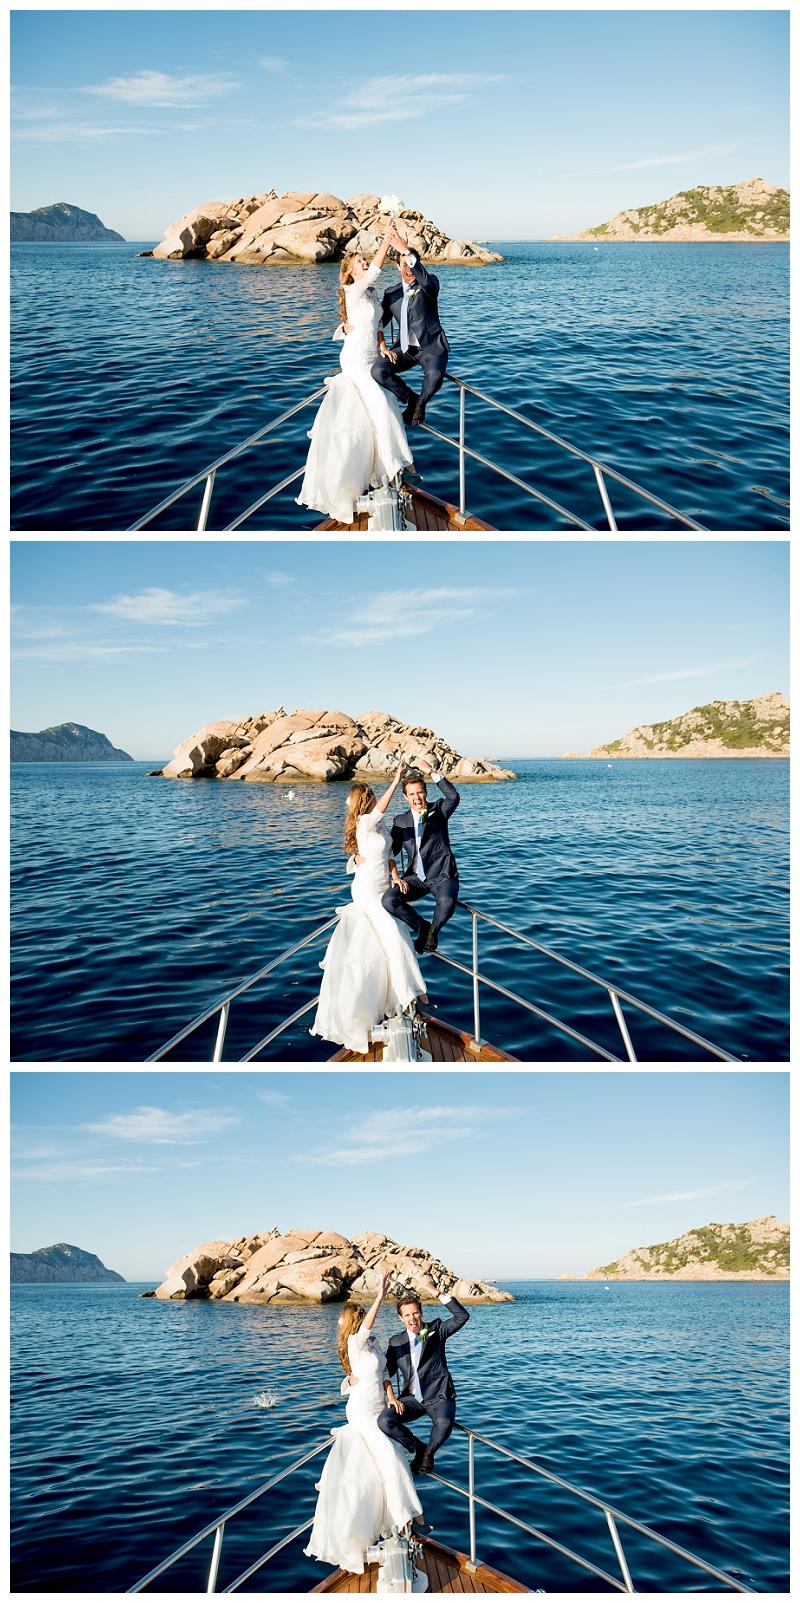 Matrimonio esclusivo Capo Coda Cavallo